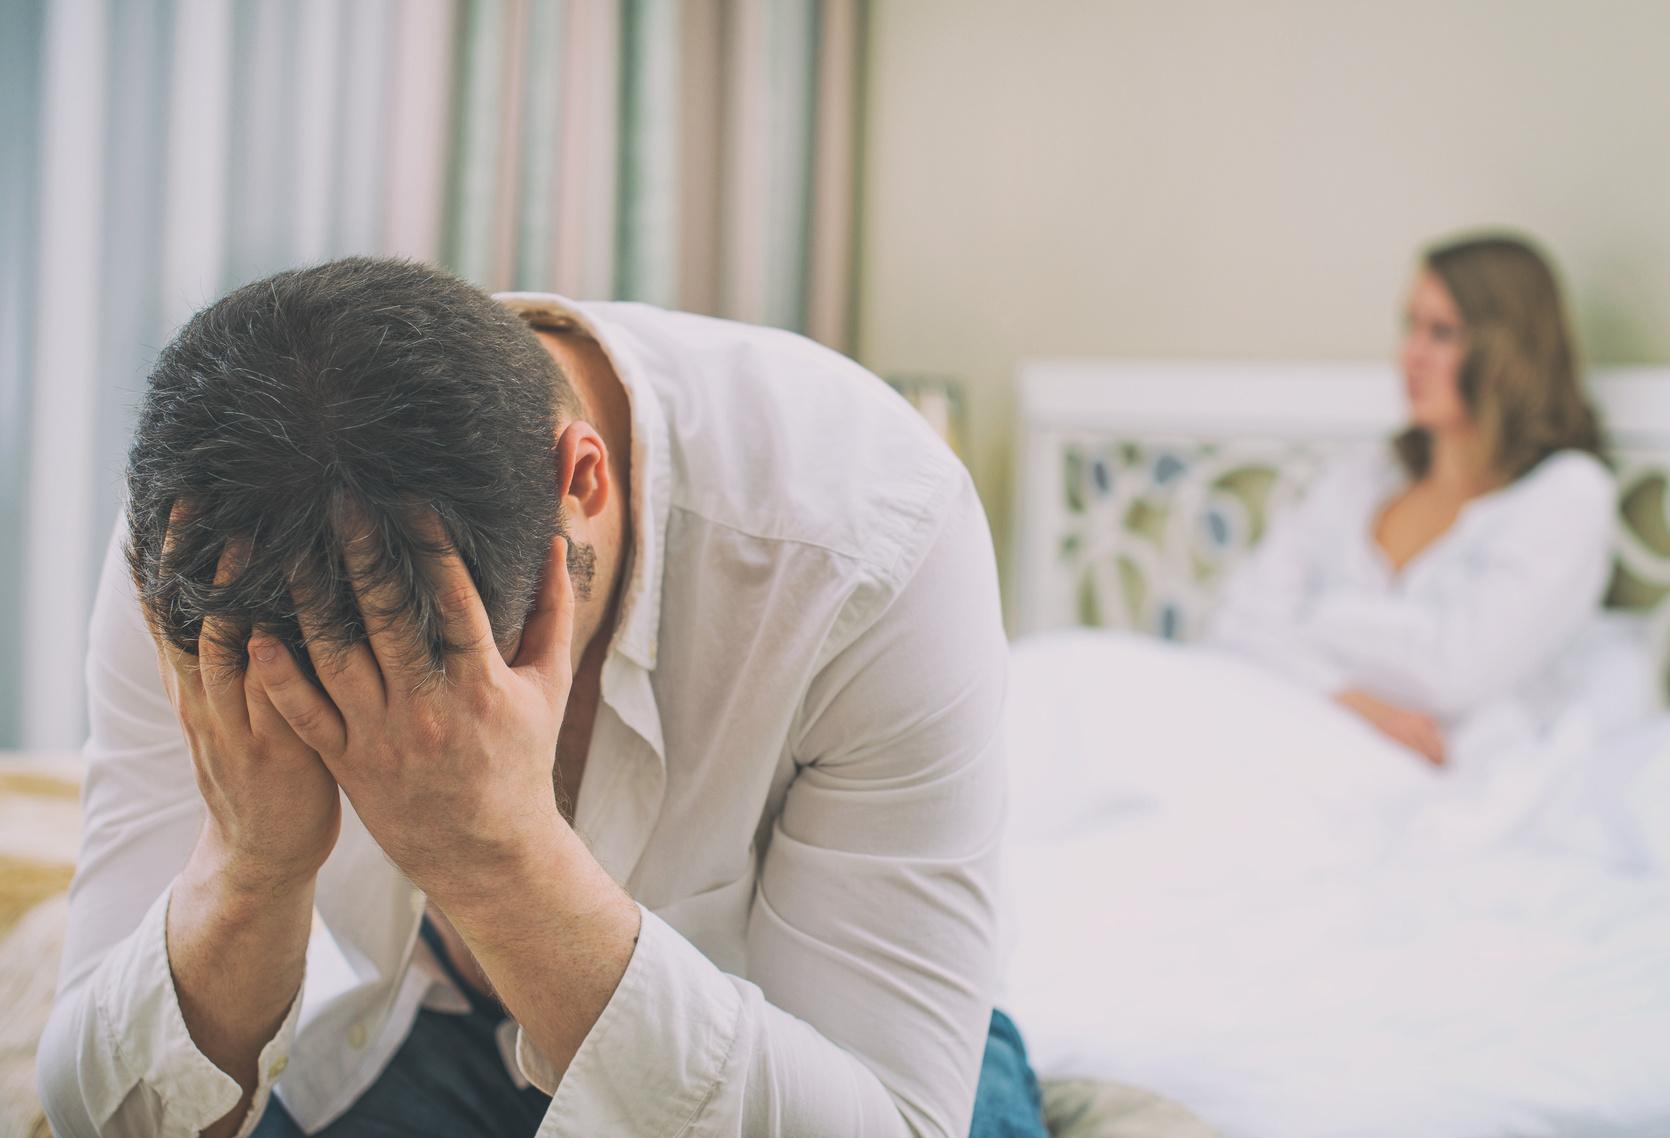 哪些疾病会危害到性生活?这5种不要轻视!